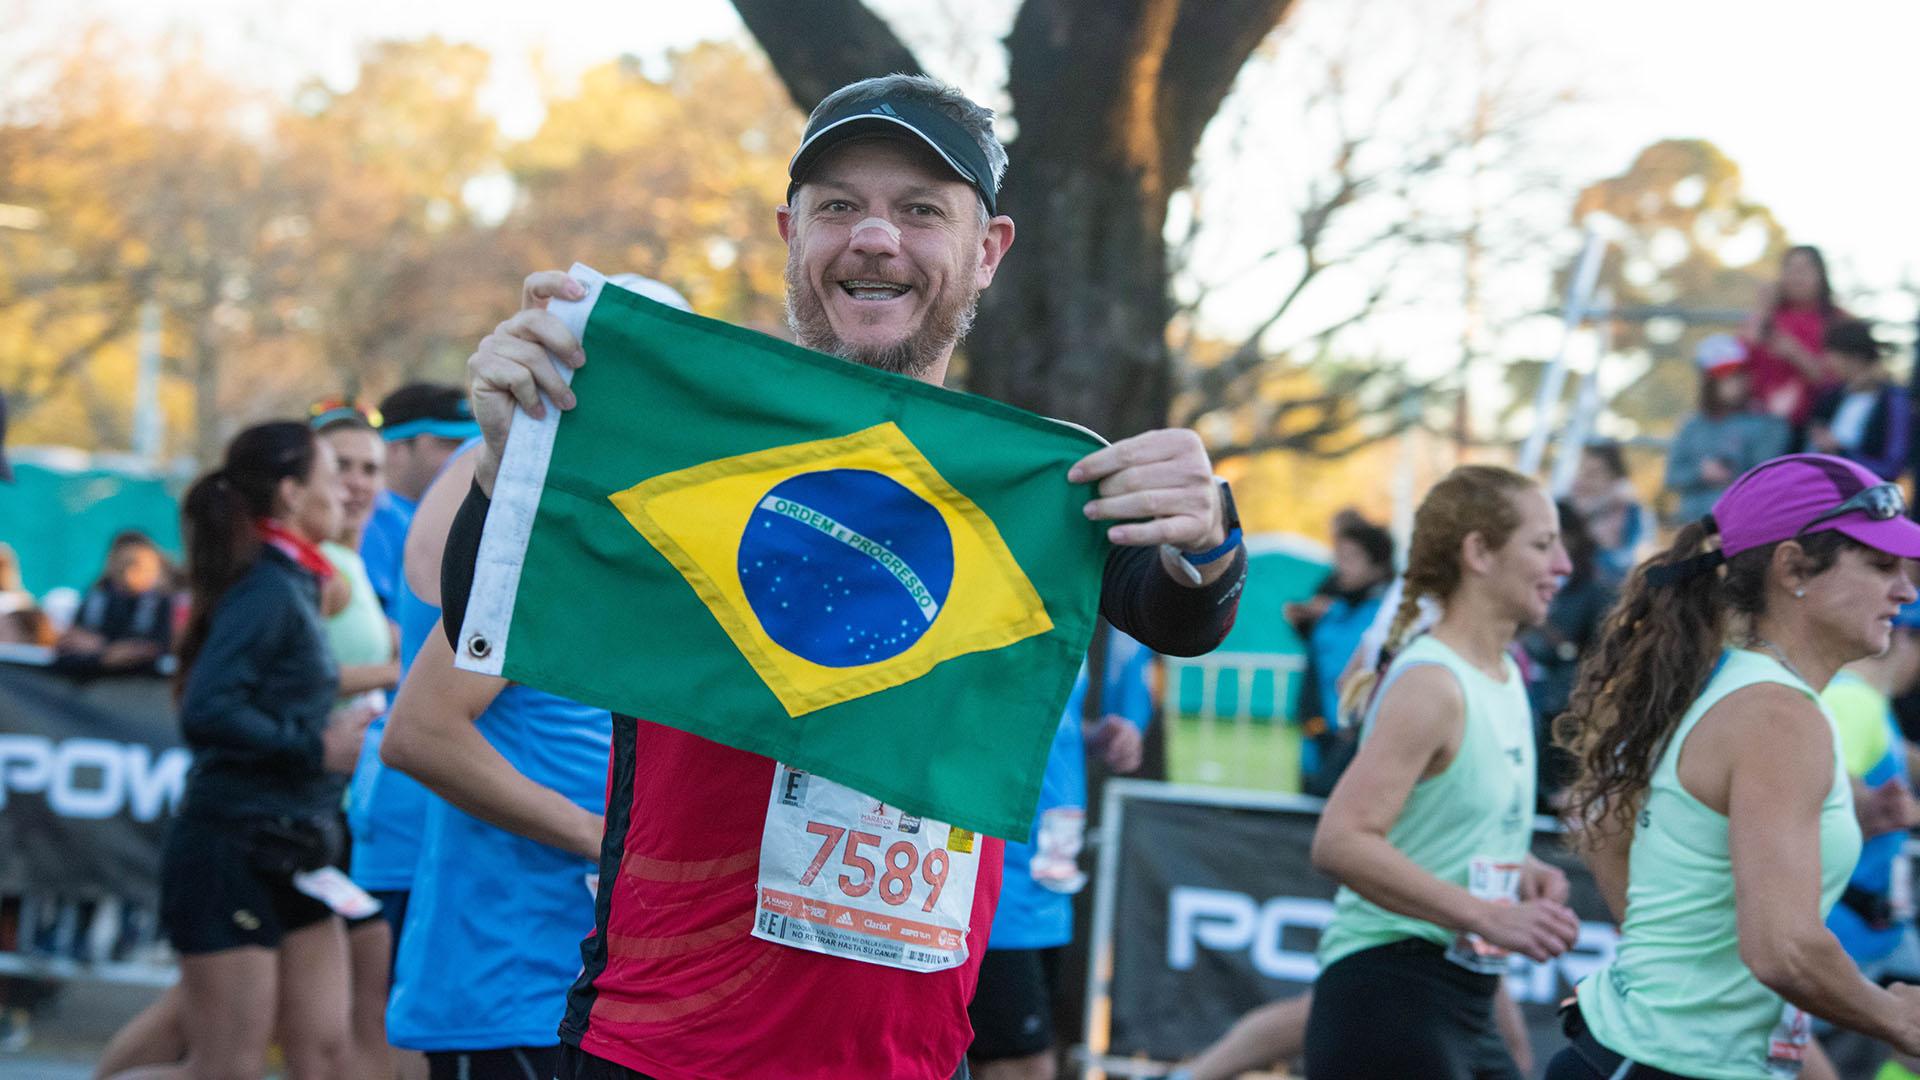 Según la organización, más de 1.600 brasileños participaron de la maratón